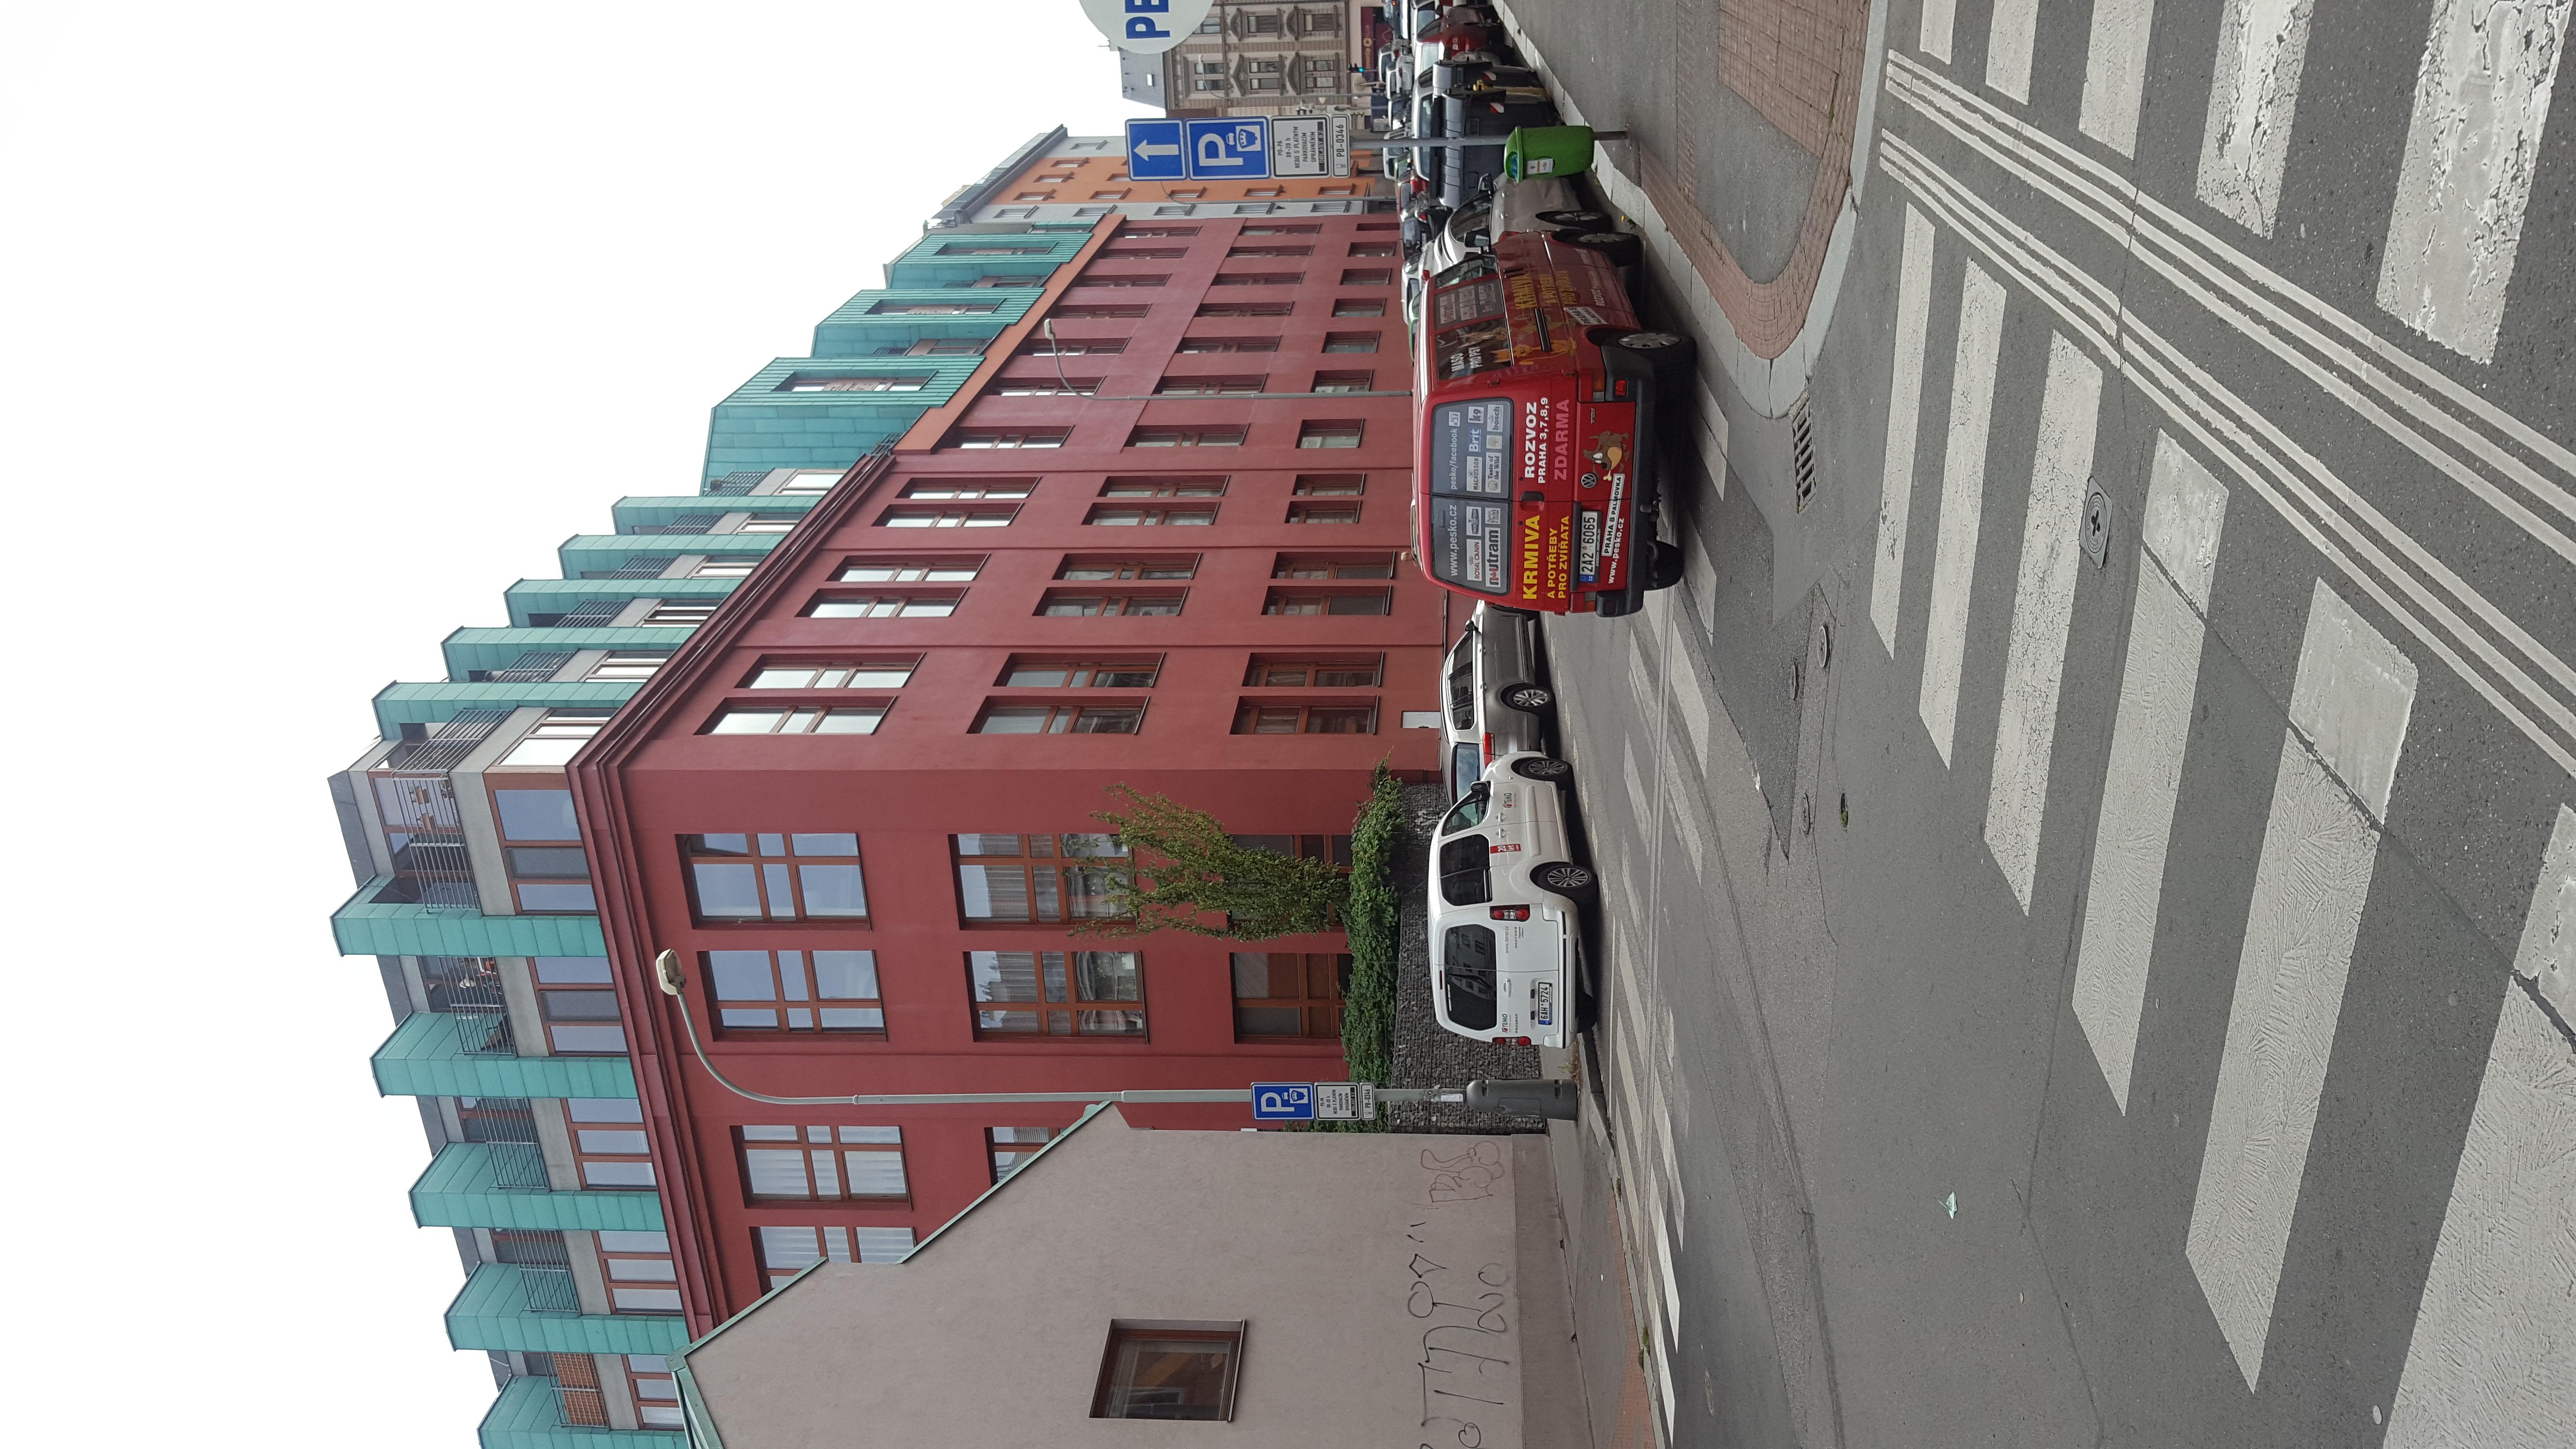 למכירה בשכונת Liben בפראג 8 דירת 2+KK בגודל 42 מר (10)